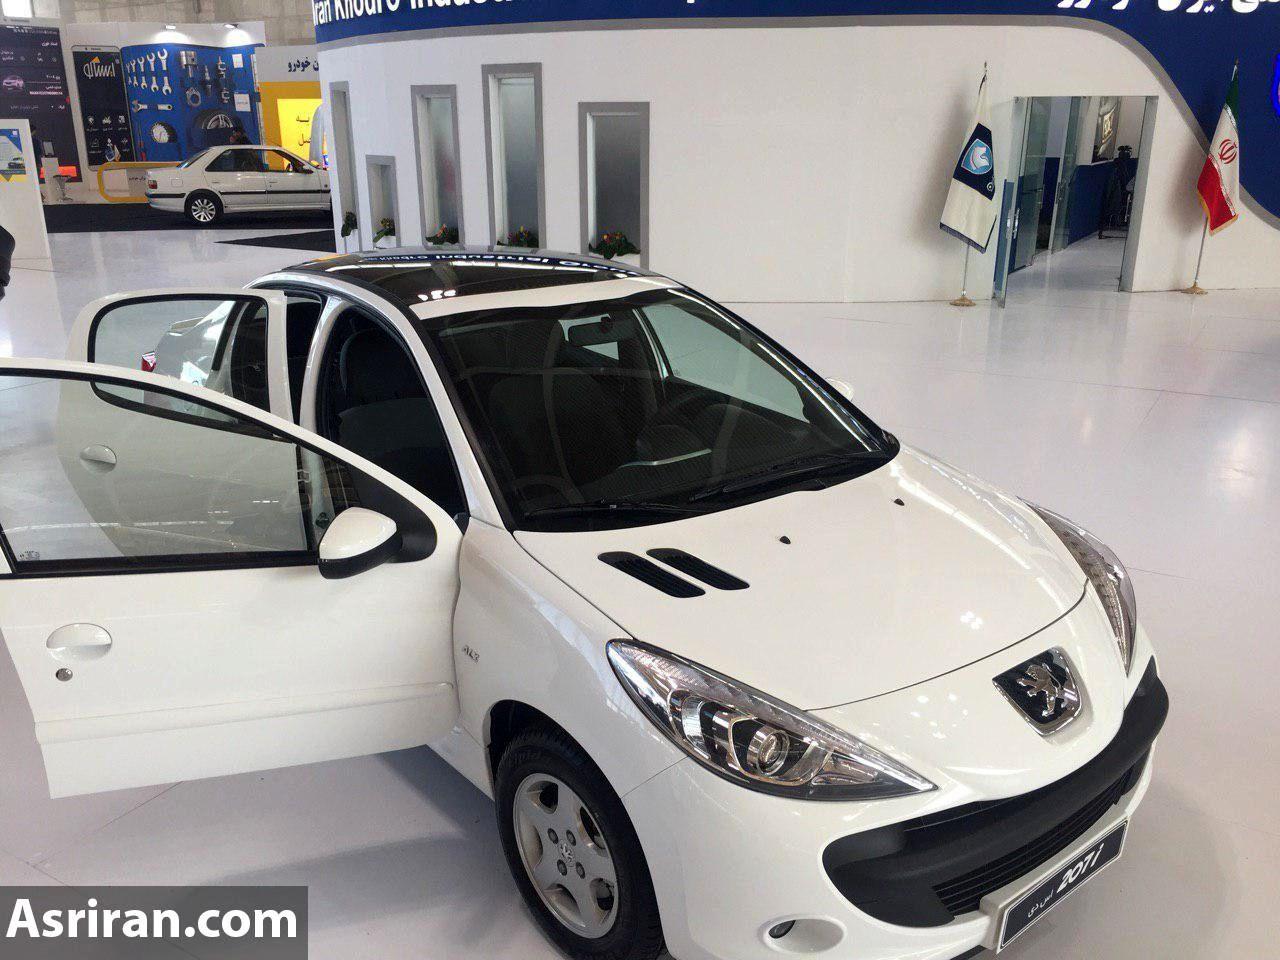 ایران خودرو:عرضه سه محصول جدید درآینده نزدیک (+اسامی خودروها)